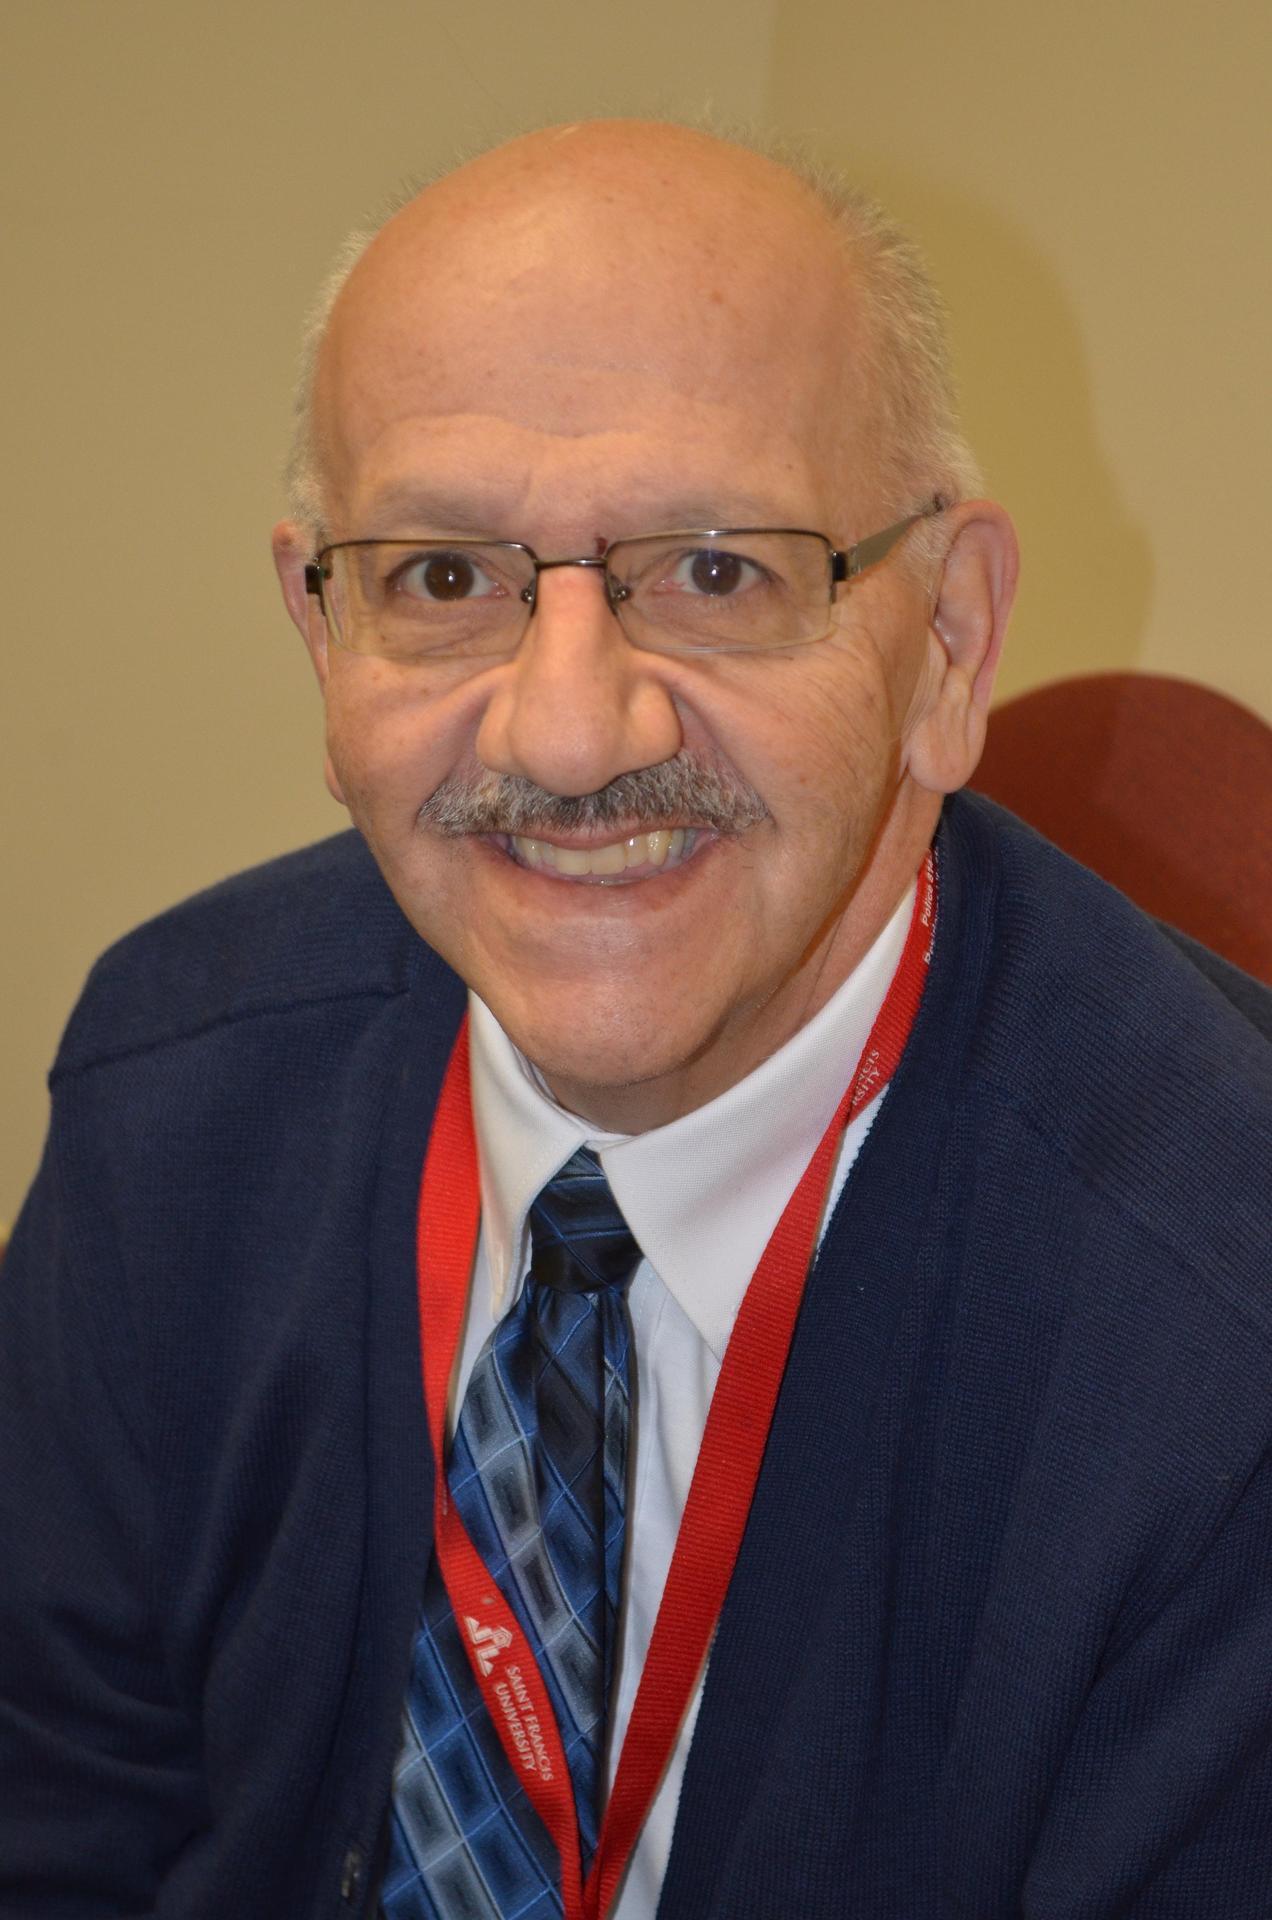 Gerald Gigliotti